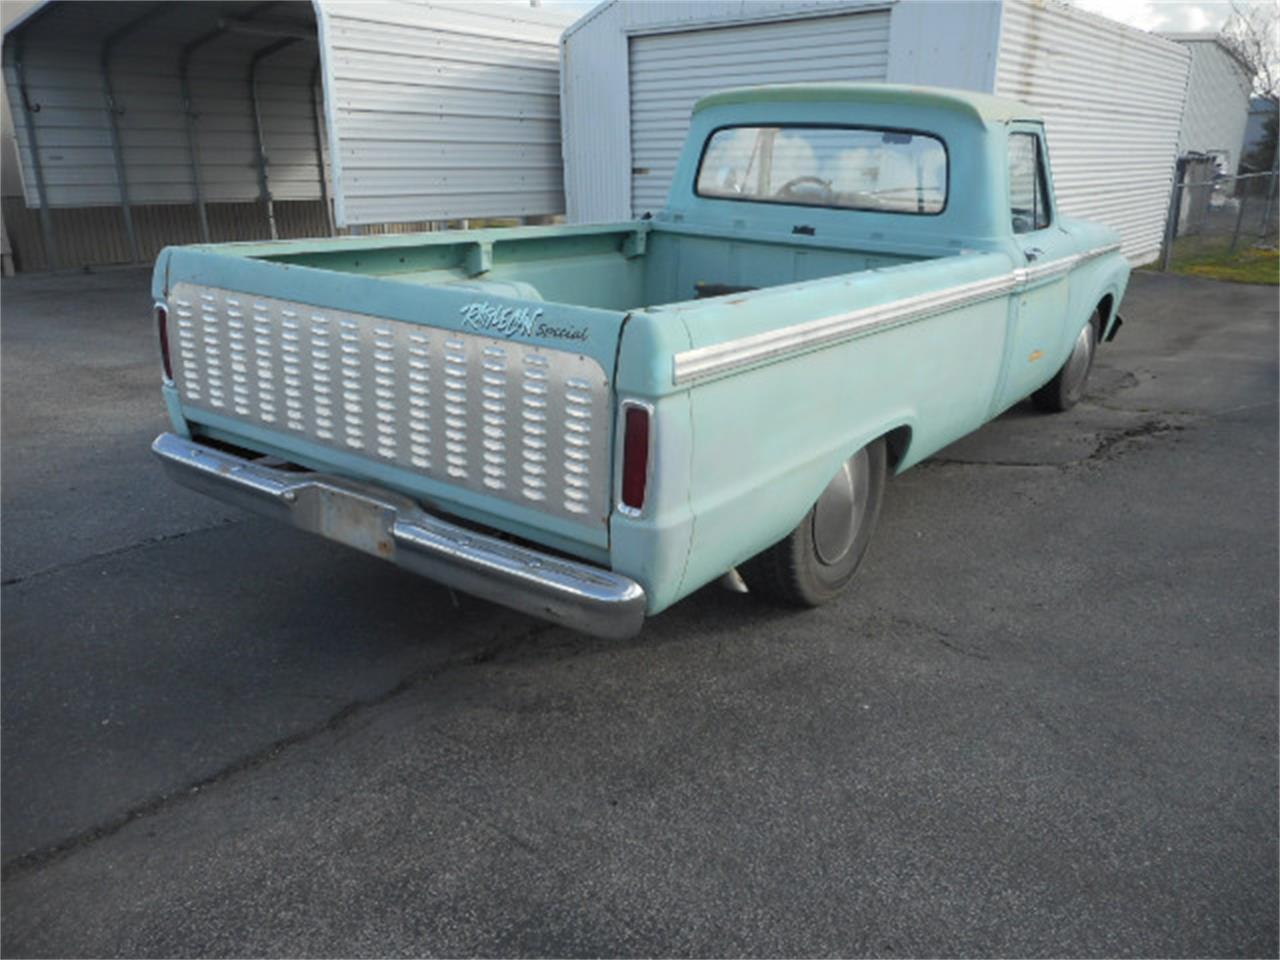 Large Picture of Classic 1965 1/2 Ton Pickup - $8,995.00 - KKK7